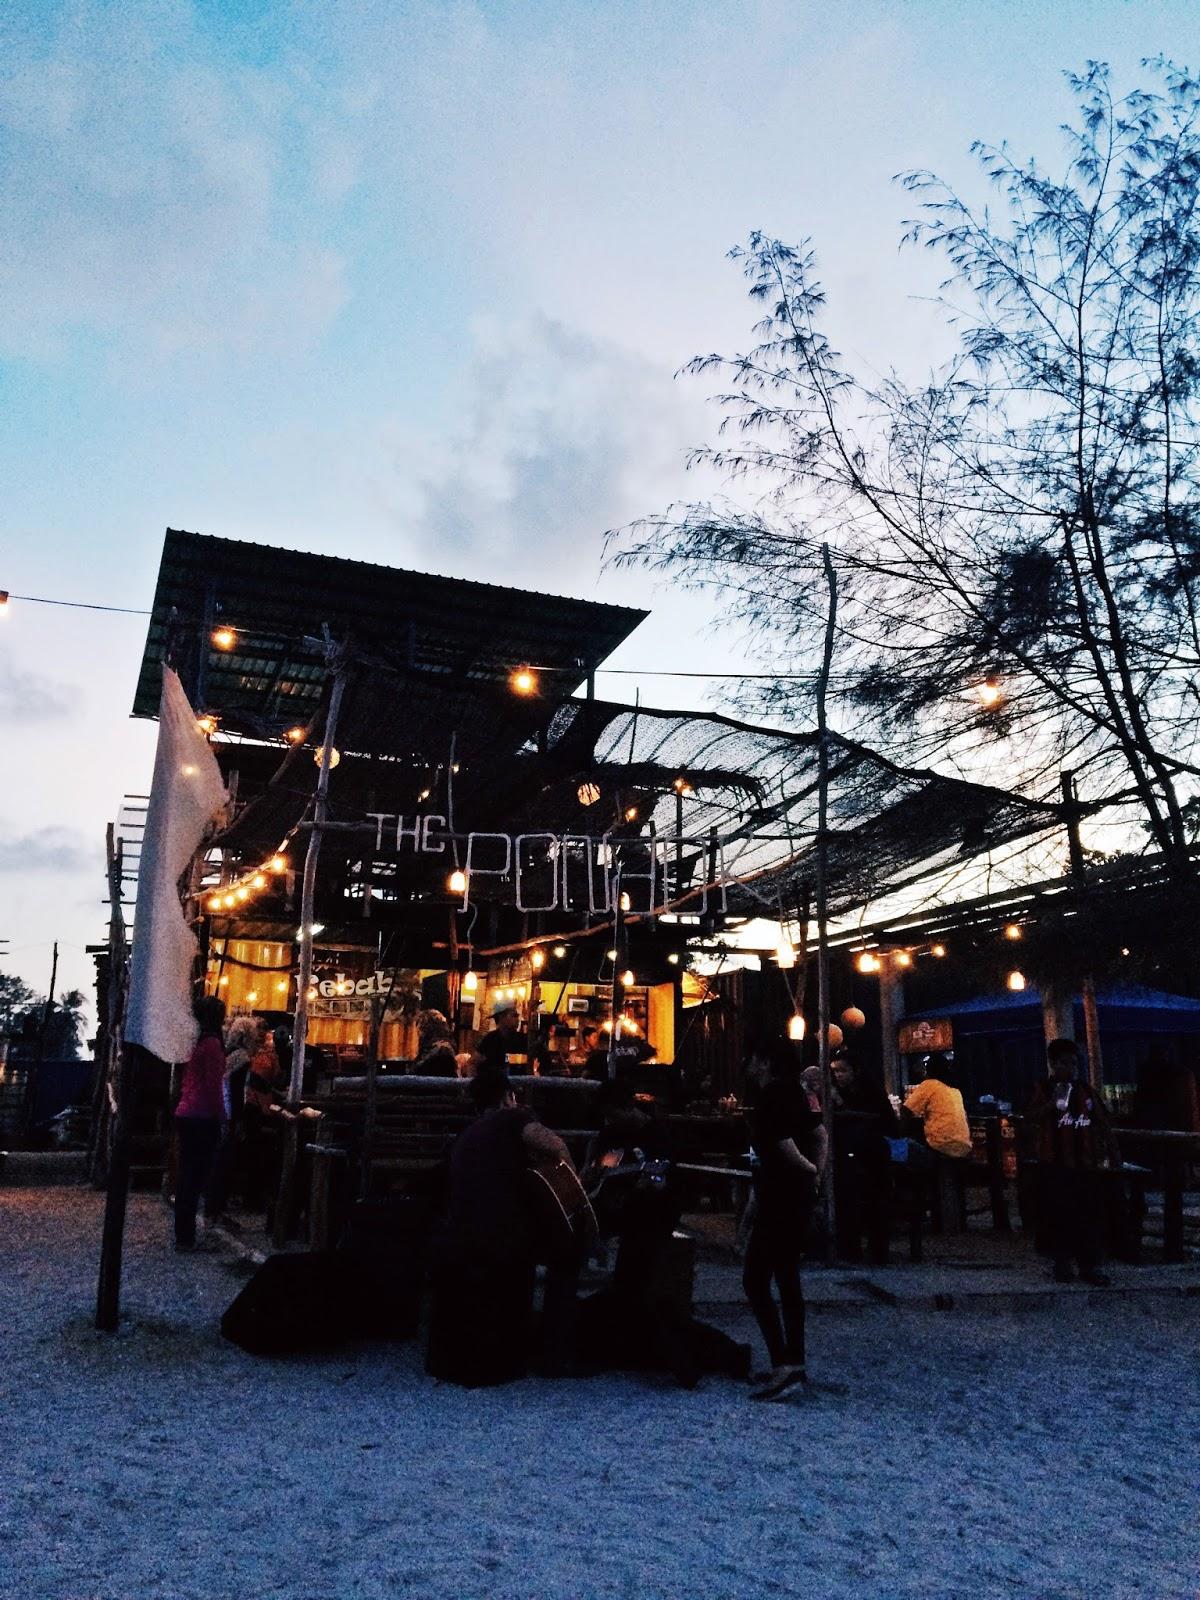 Cafe The Pondok Ni Cantik A Satu Je La Macam Tak Kena Pinggan Bunga Berapa Nak Hipster Hihi Tapi Makanan Ok 5 Deco